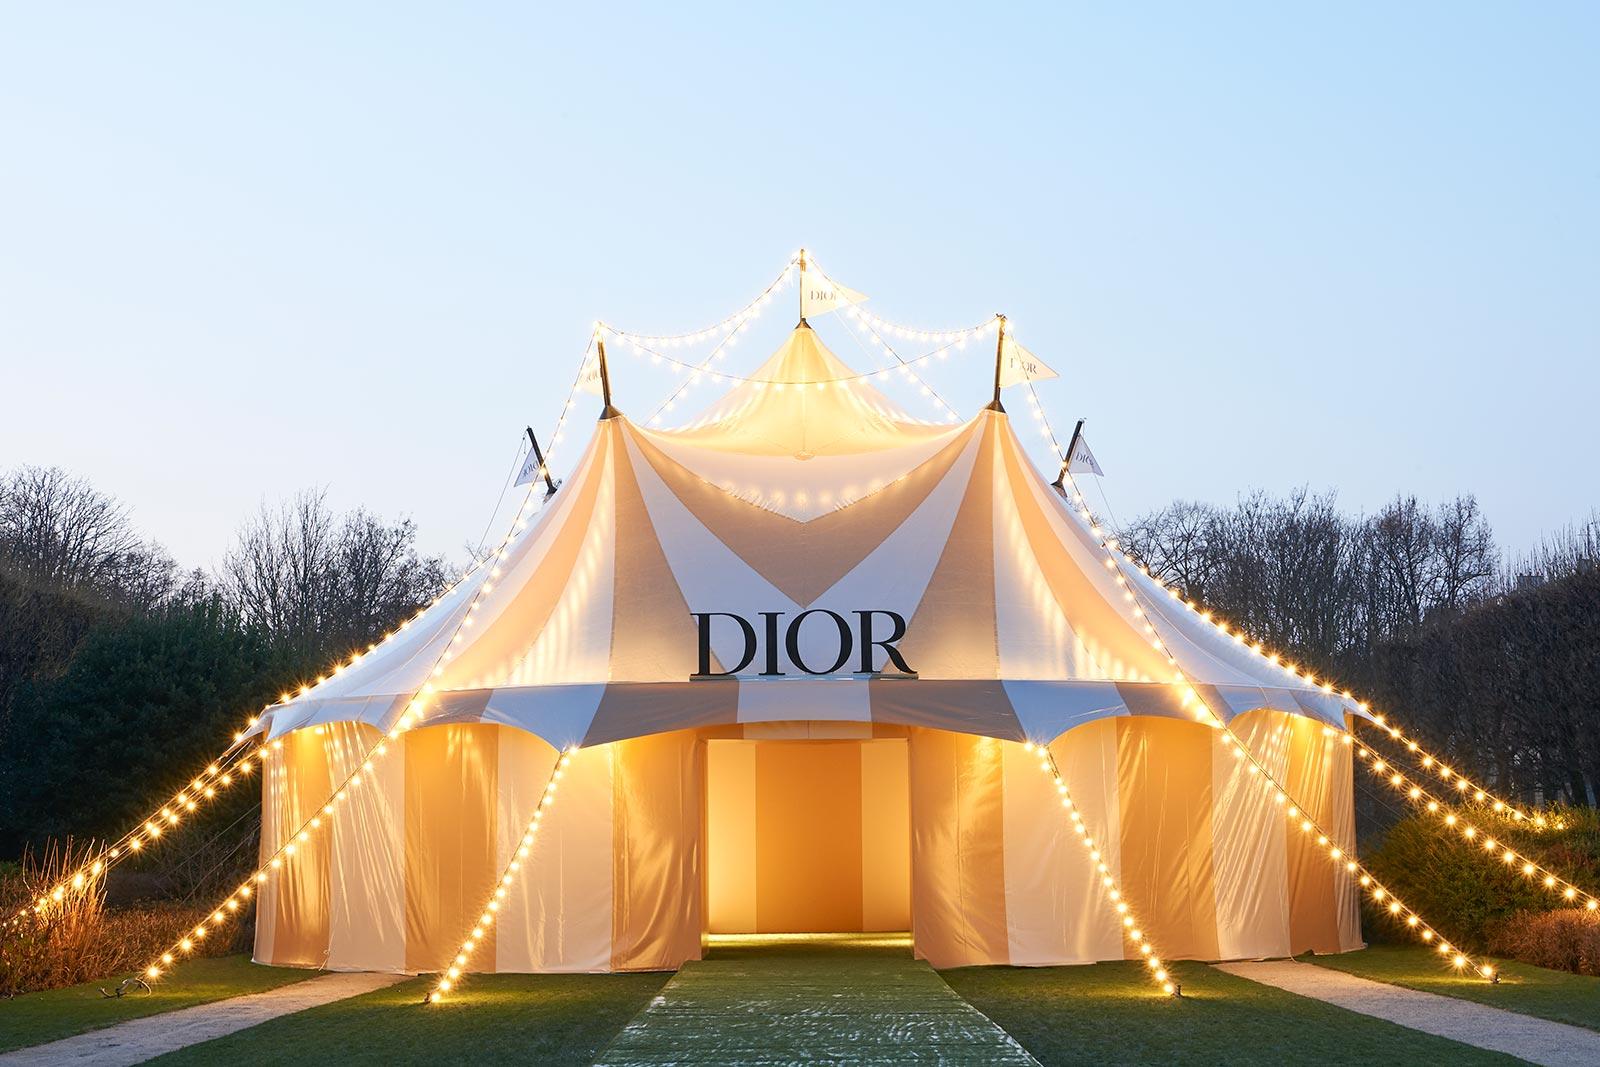 Circo Haute Couture Dior